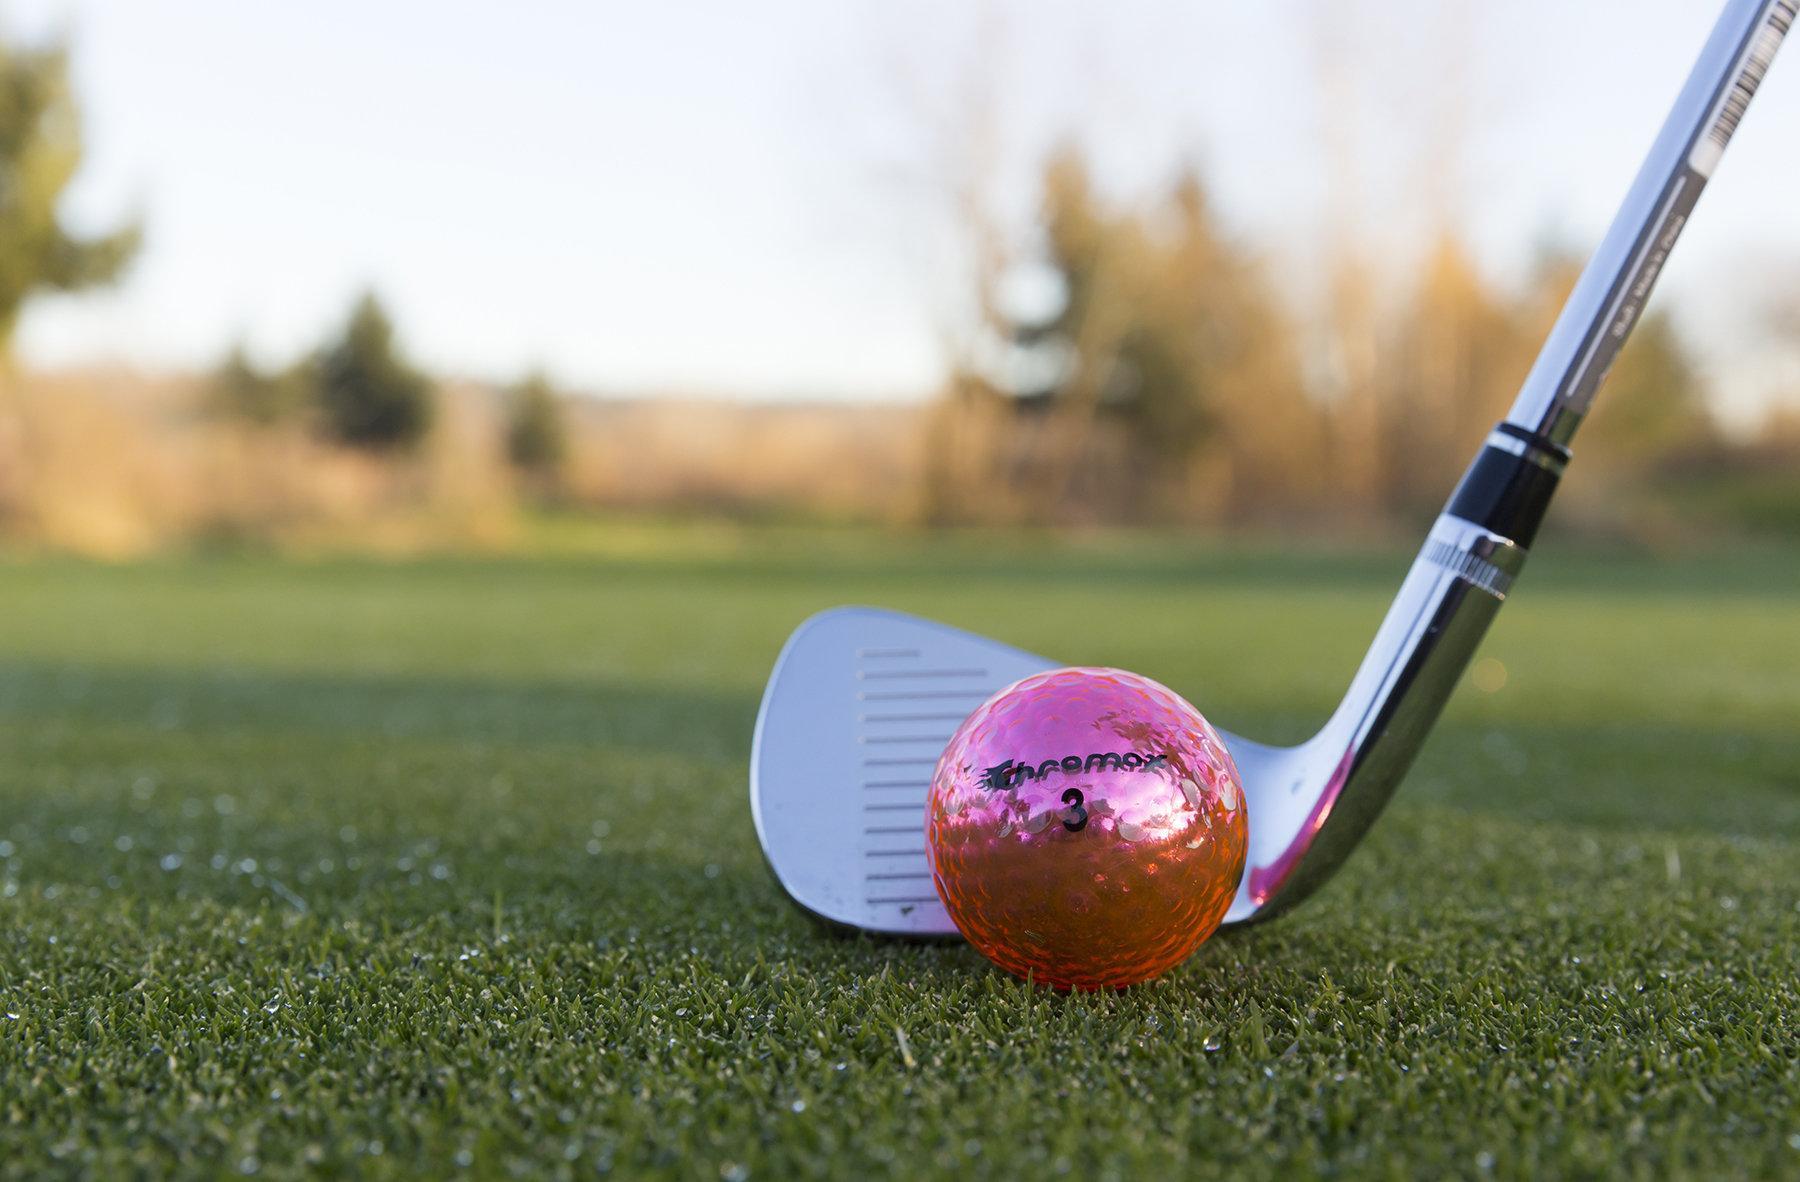 2020 Leland Games - WOMEN's Golf - SummerGlen - Thursday, February 13, 2020